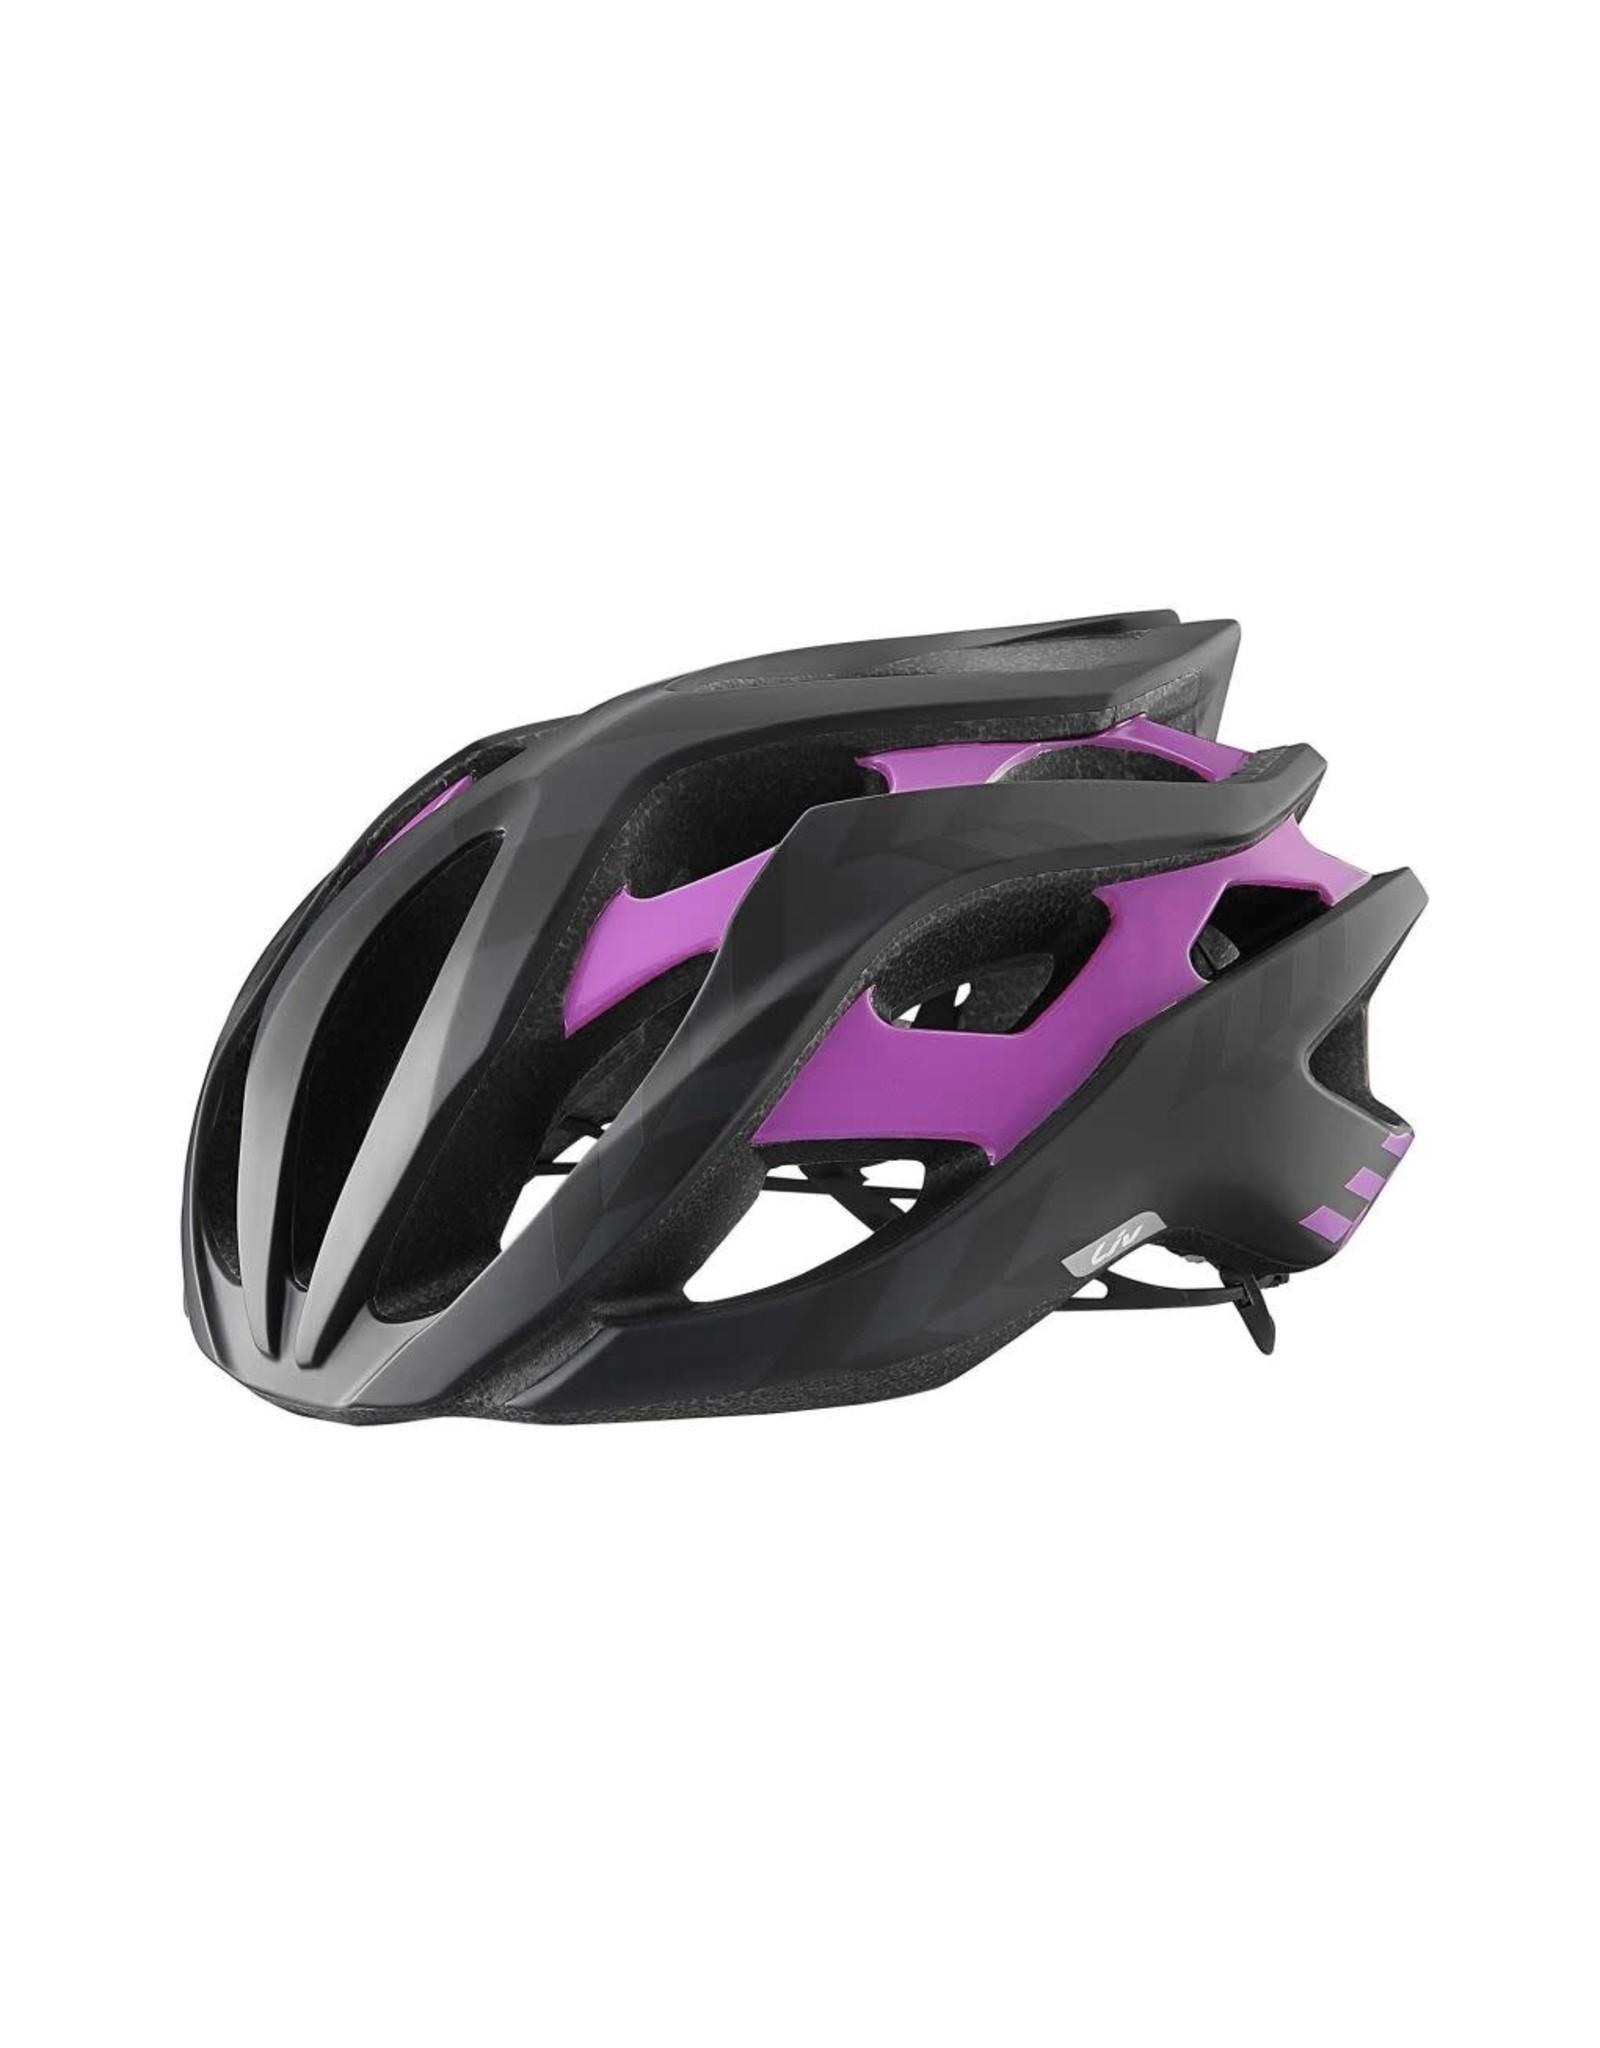 LIV Liv Rev Helmet Black/Purple M